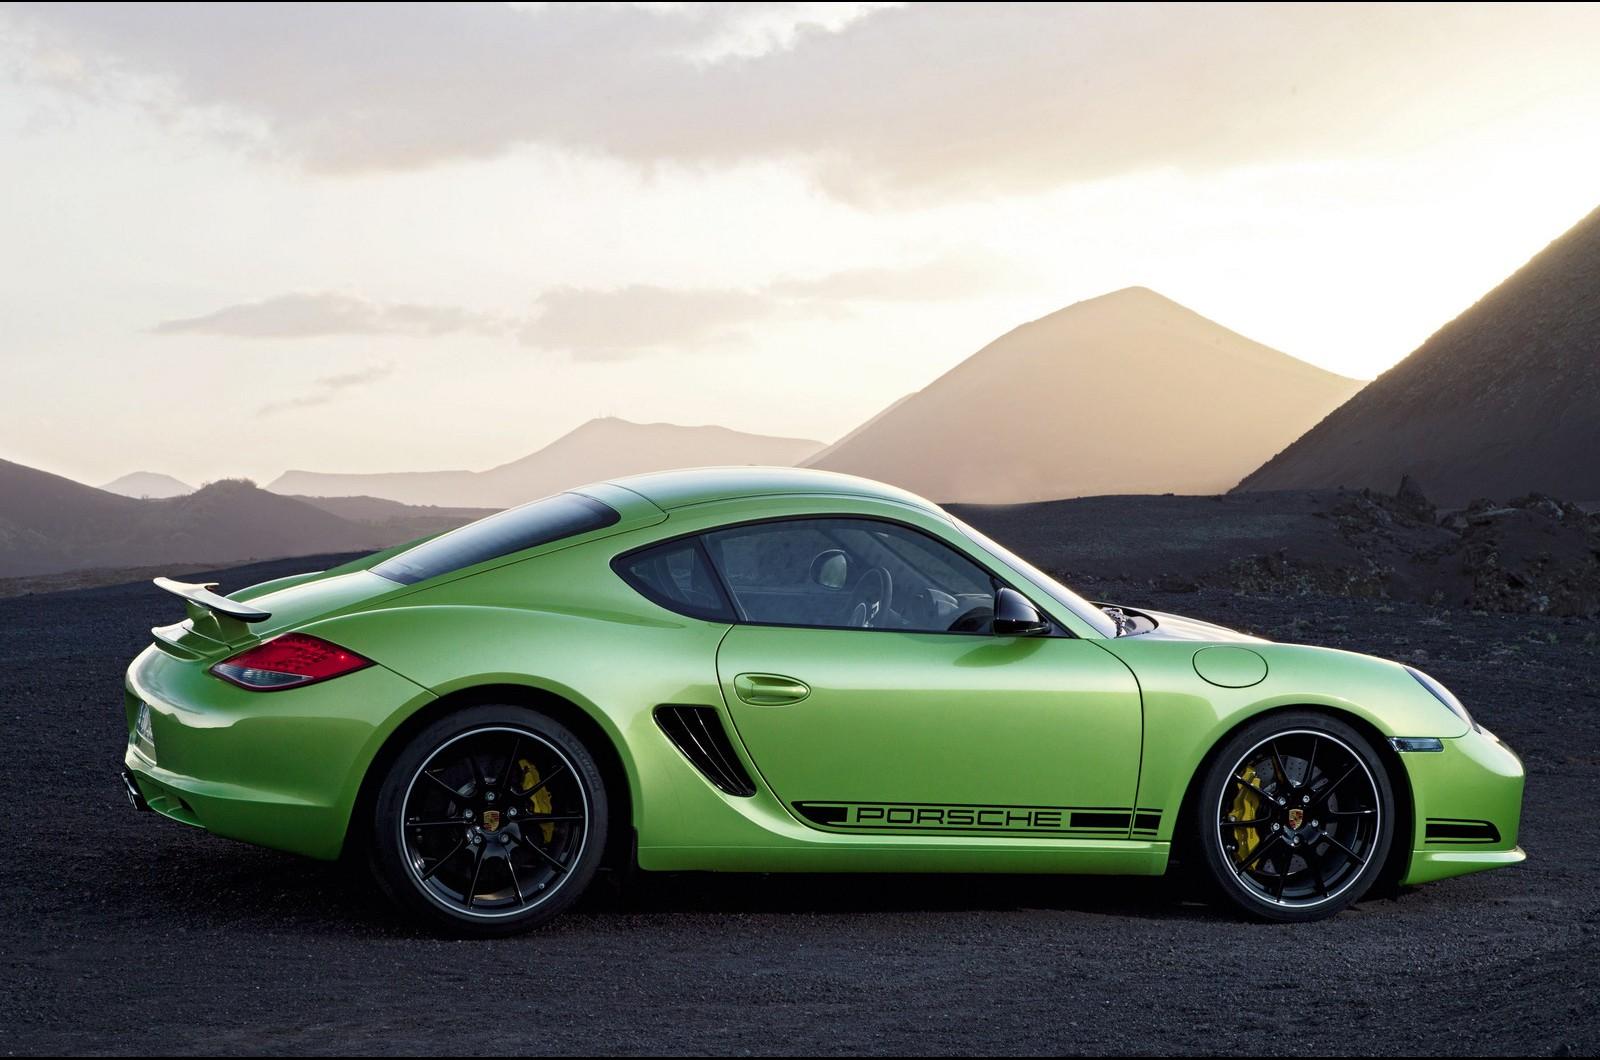 Np Name 3d Wallpaper Porsche Cayman R Green Picture Hd Desktop Wallpapers 4k Hd